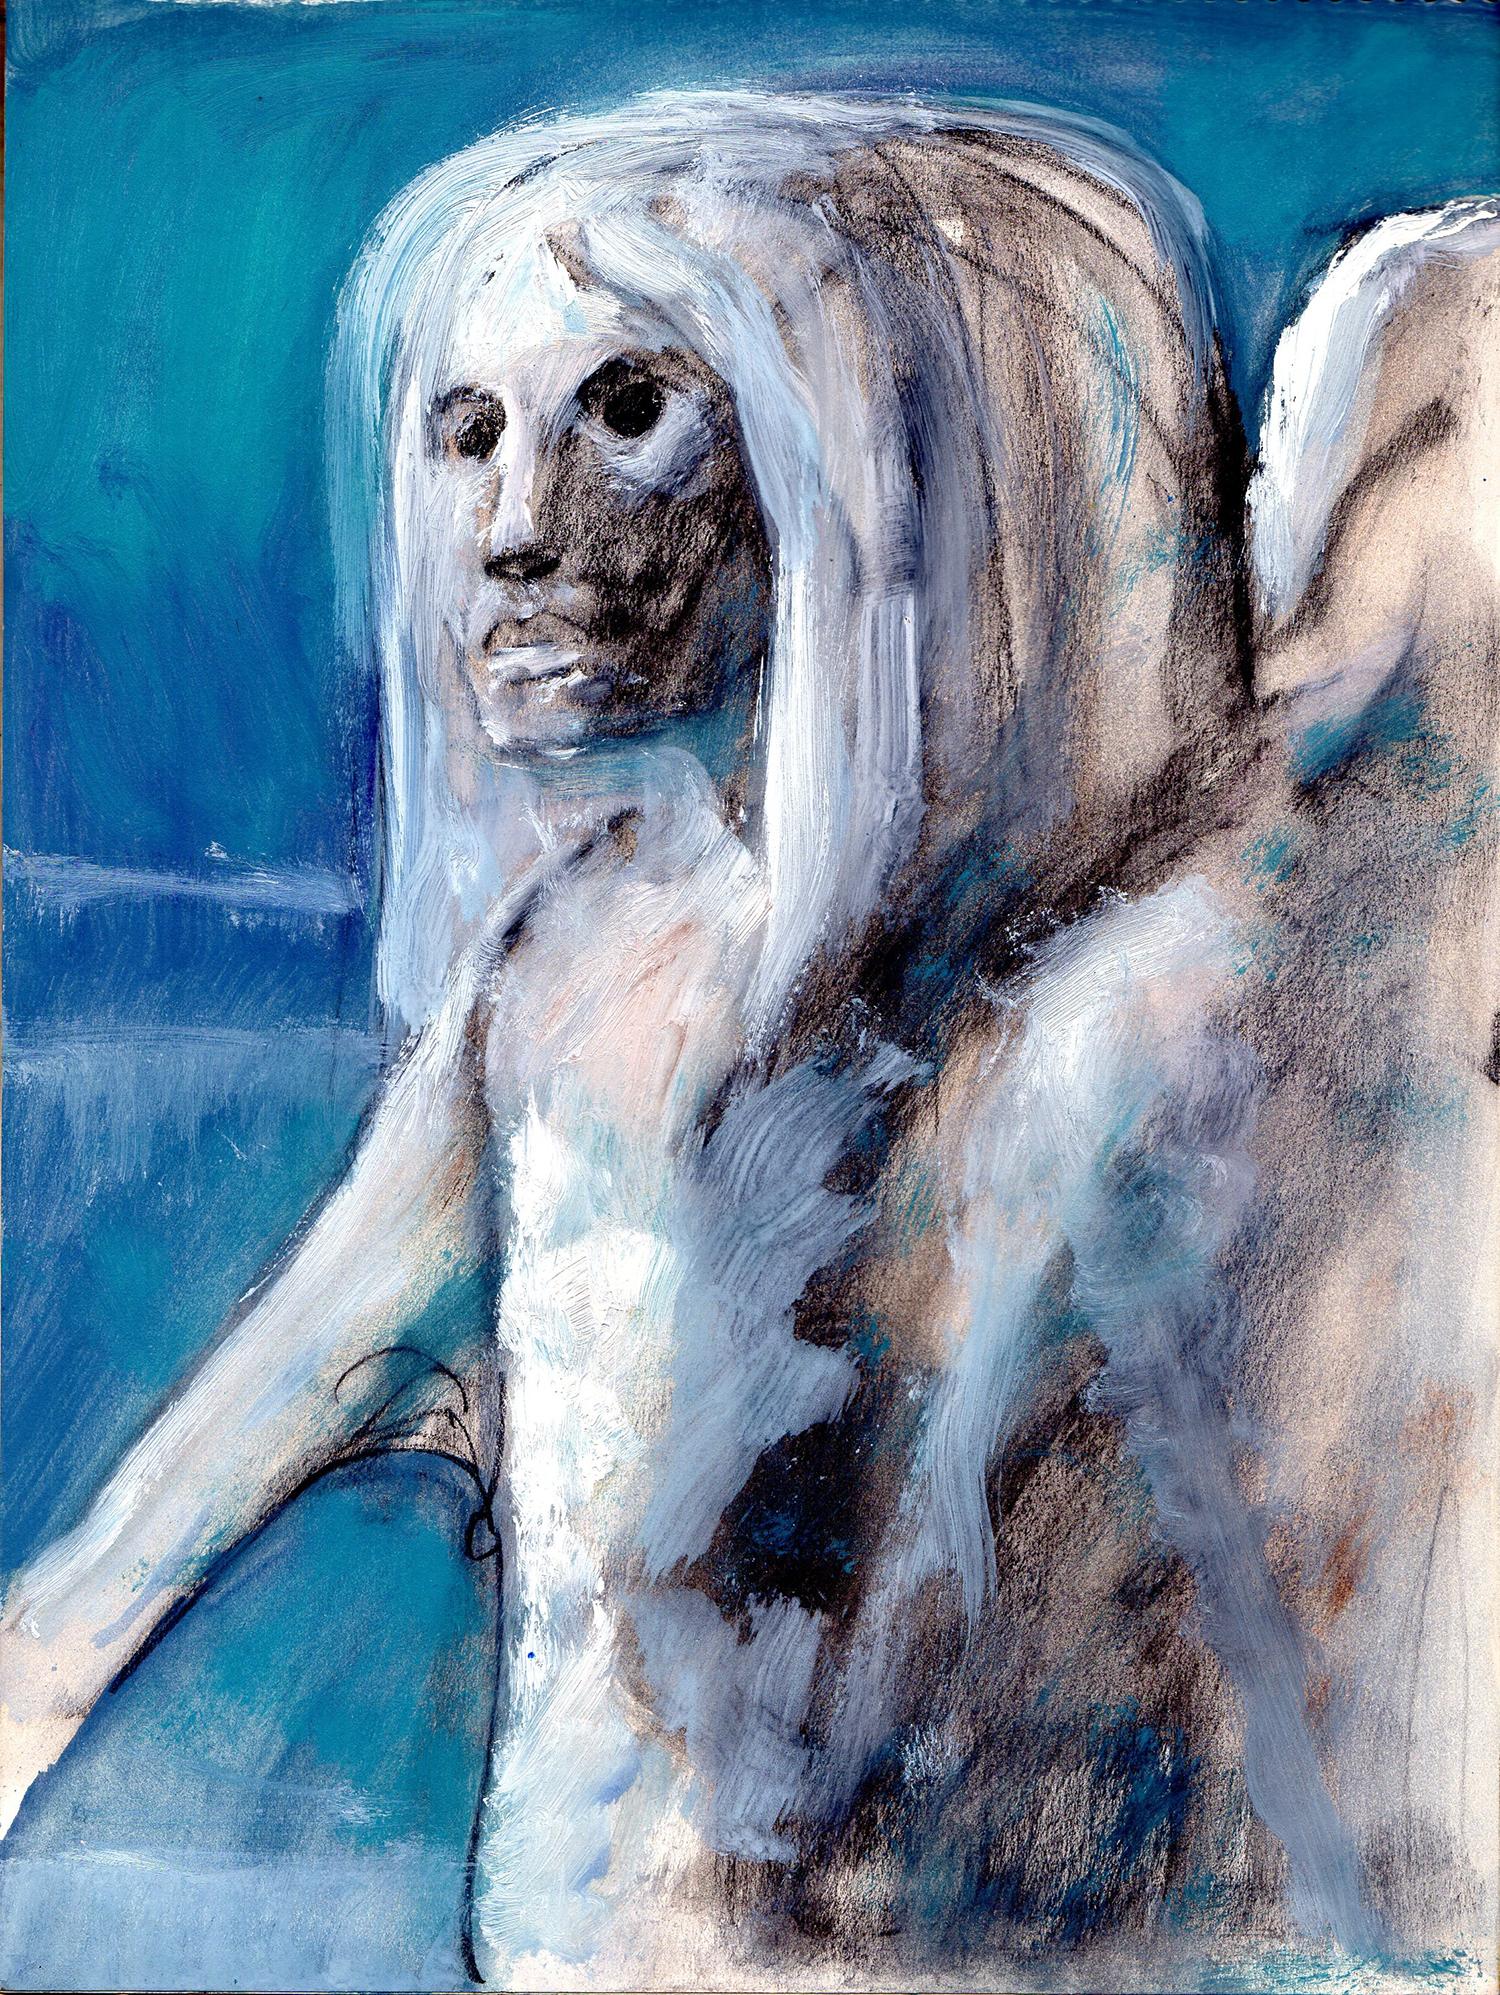 nouvelle image | Portrait bleu | Guido Buzzelli